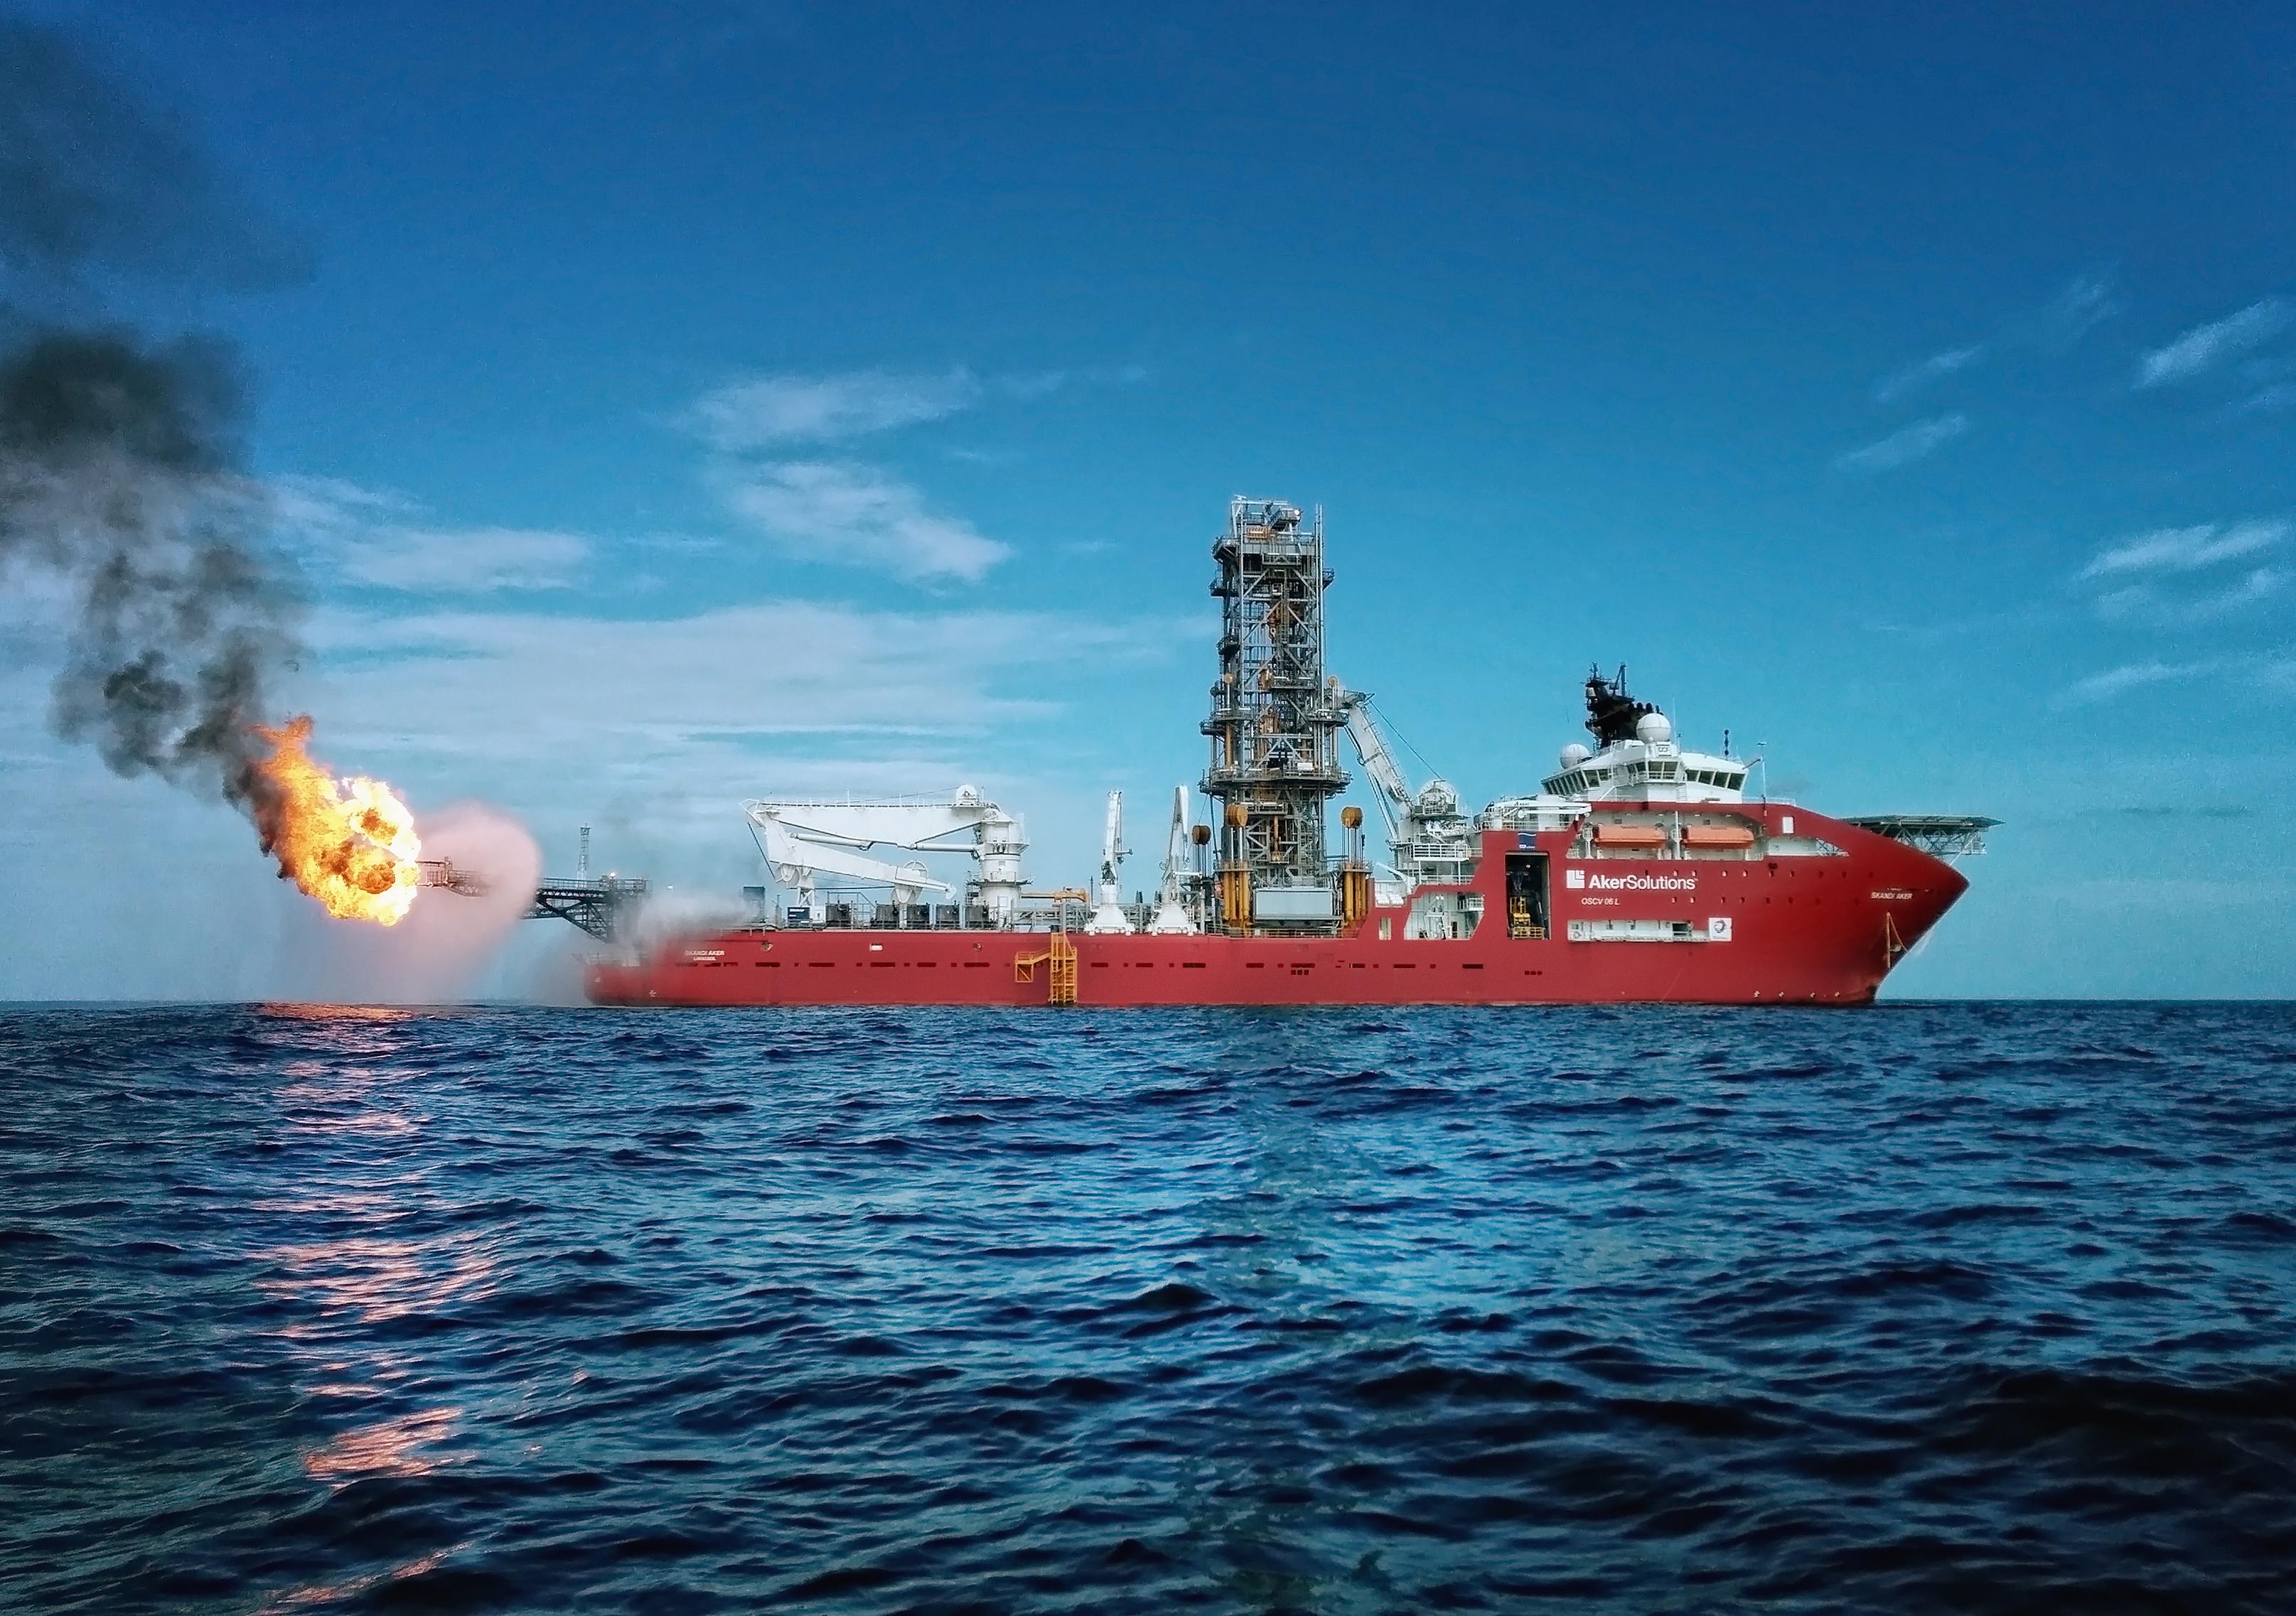 Et bilde av M/S Akofs Seafarer